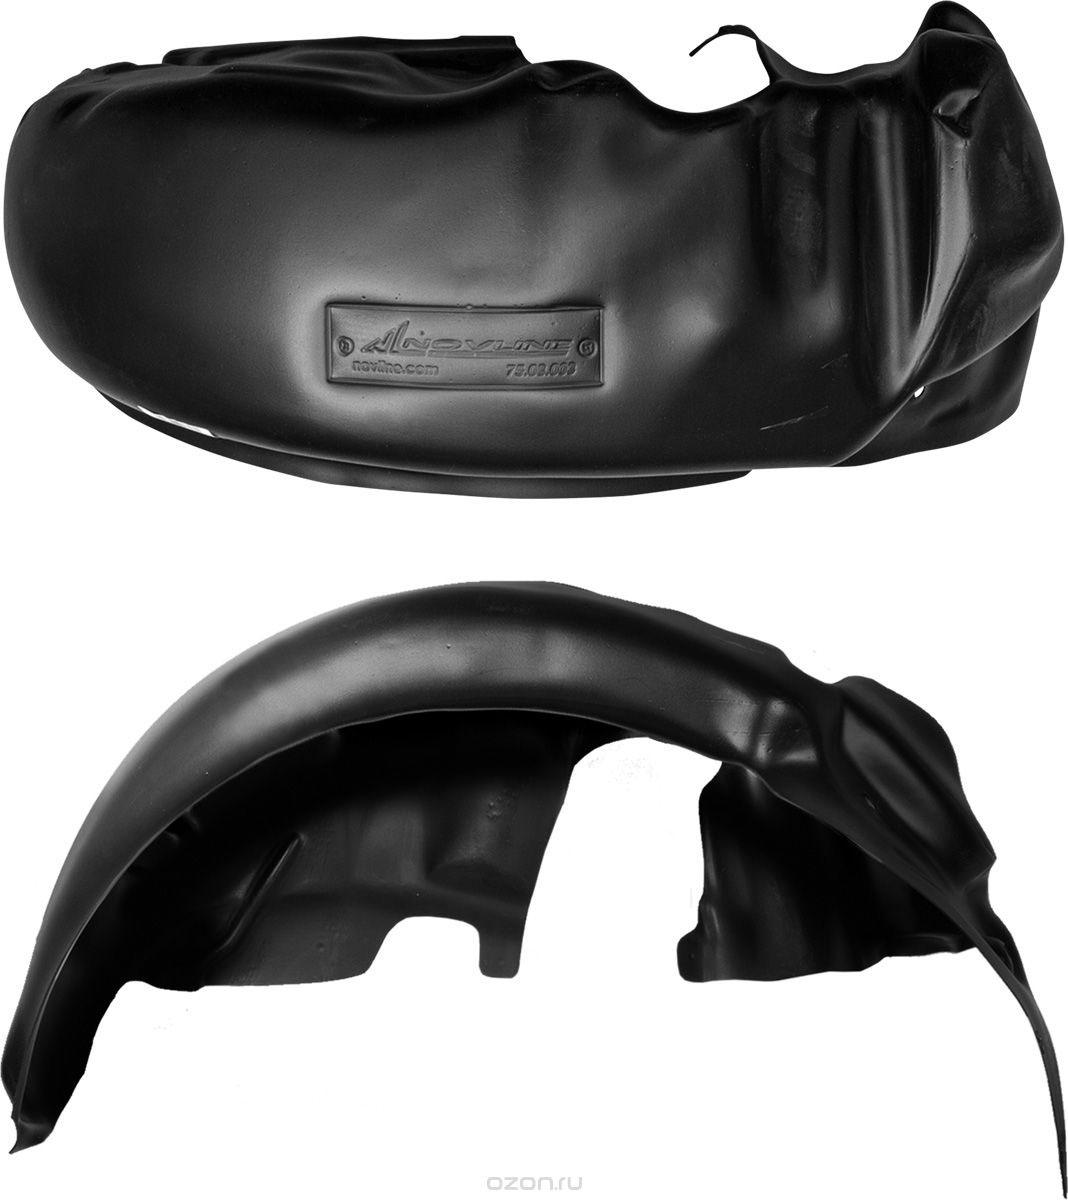 Подкрылок Novline-Autofamily, для TOYOTA Highlander, 2010-2013, задний правый000414Идеальная защита колесной ниши. Локеры разработаны с применением цифровых технологий, гарантируют максимальную повторяемость поверхности арки. Изделия устанавливаются без нарушения лакокрасочного покрытия автомобиля, каждый подкрылок комплектуется крепежом. Уважаемые клиенты, обращаем ваше внимание, что фотографии на подкрылки универсальные и не отражают реальную форму изделия. При этом само изделие идет точно под размер указанного автомобиля.